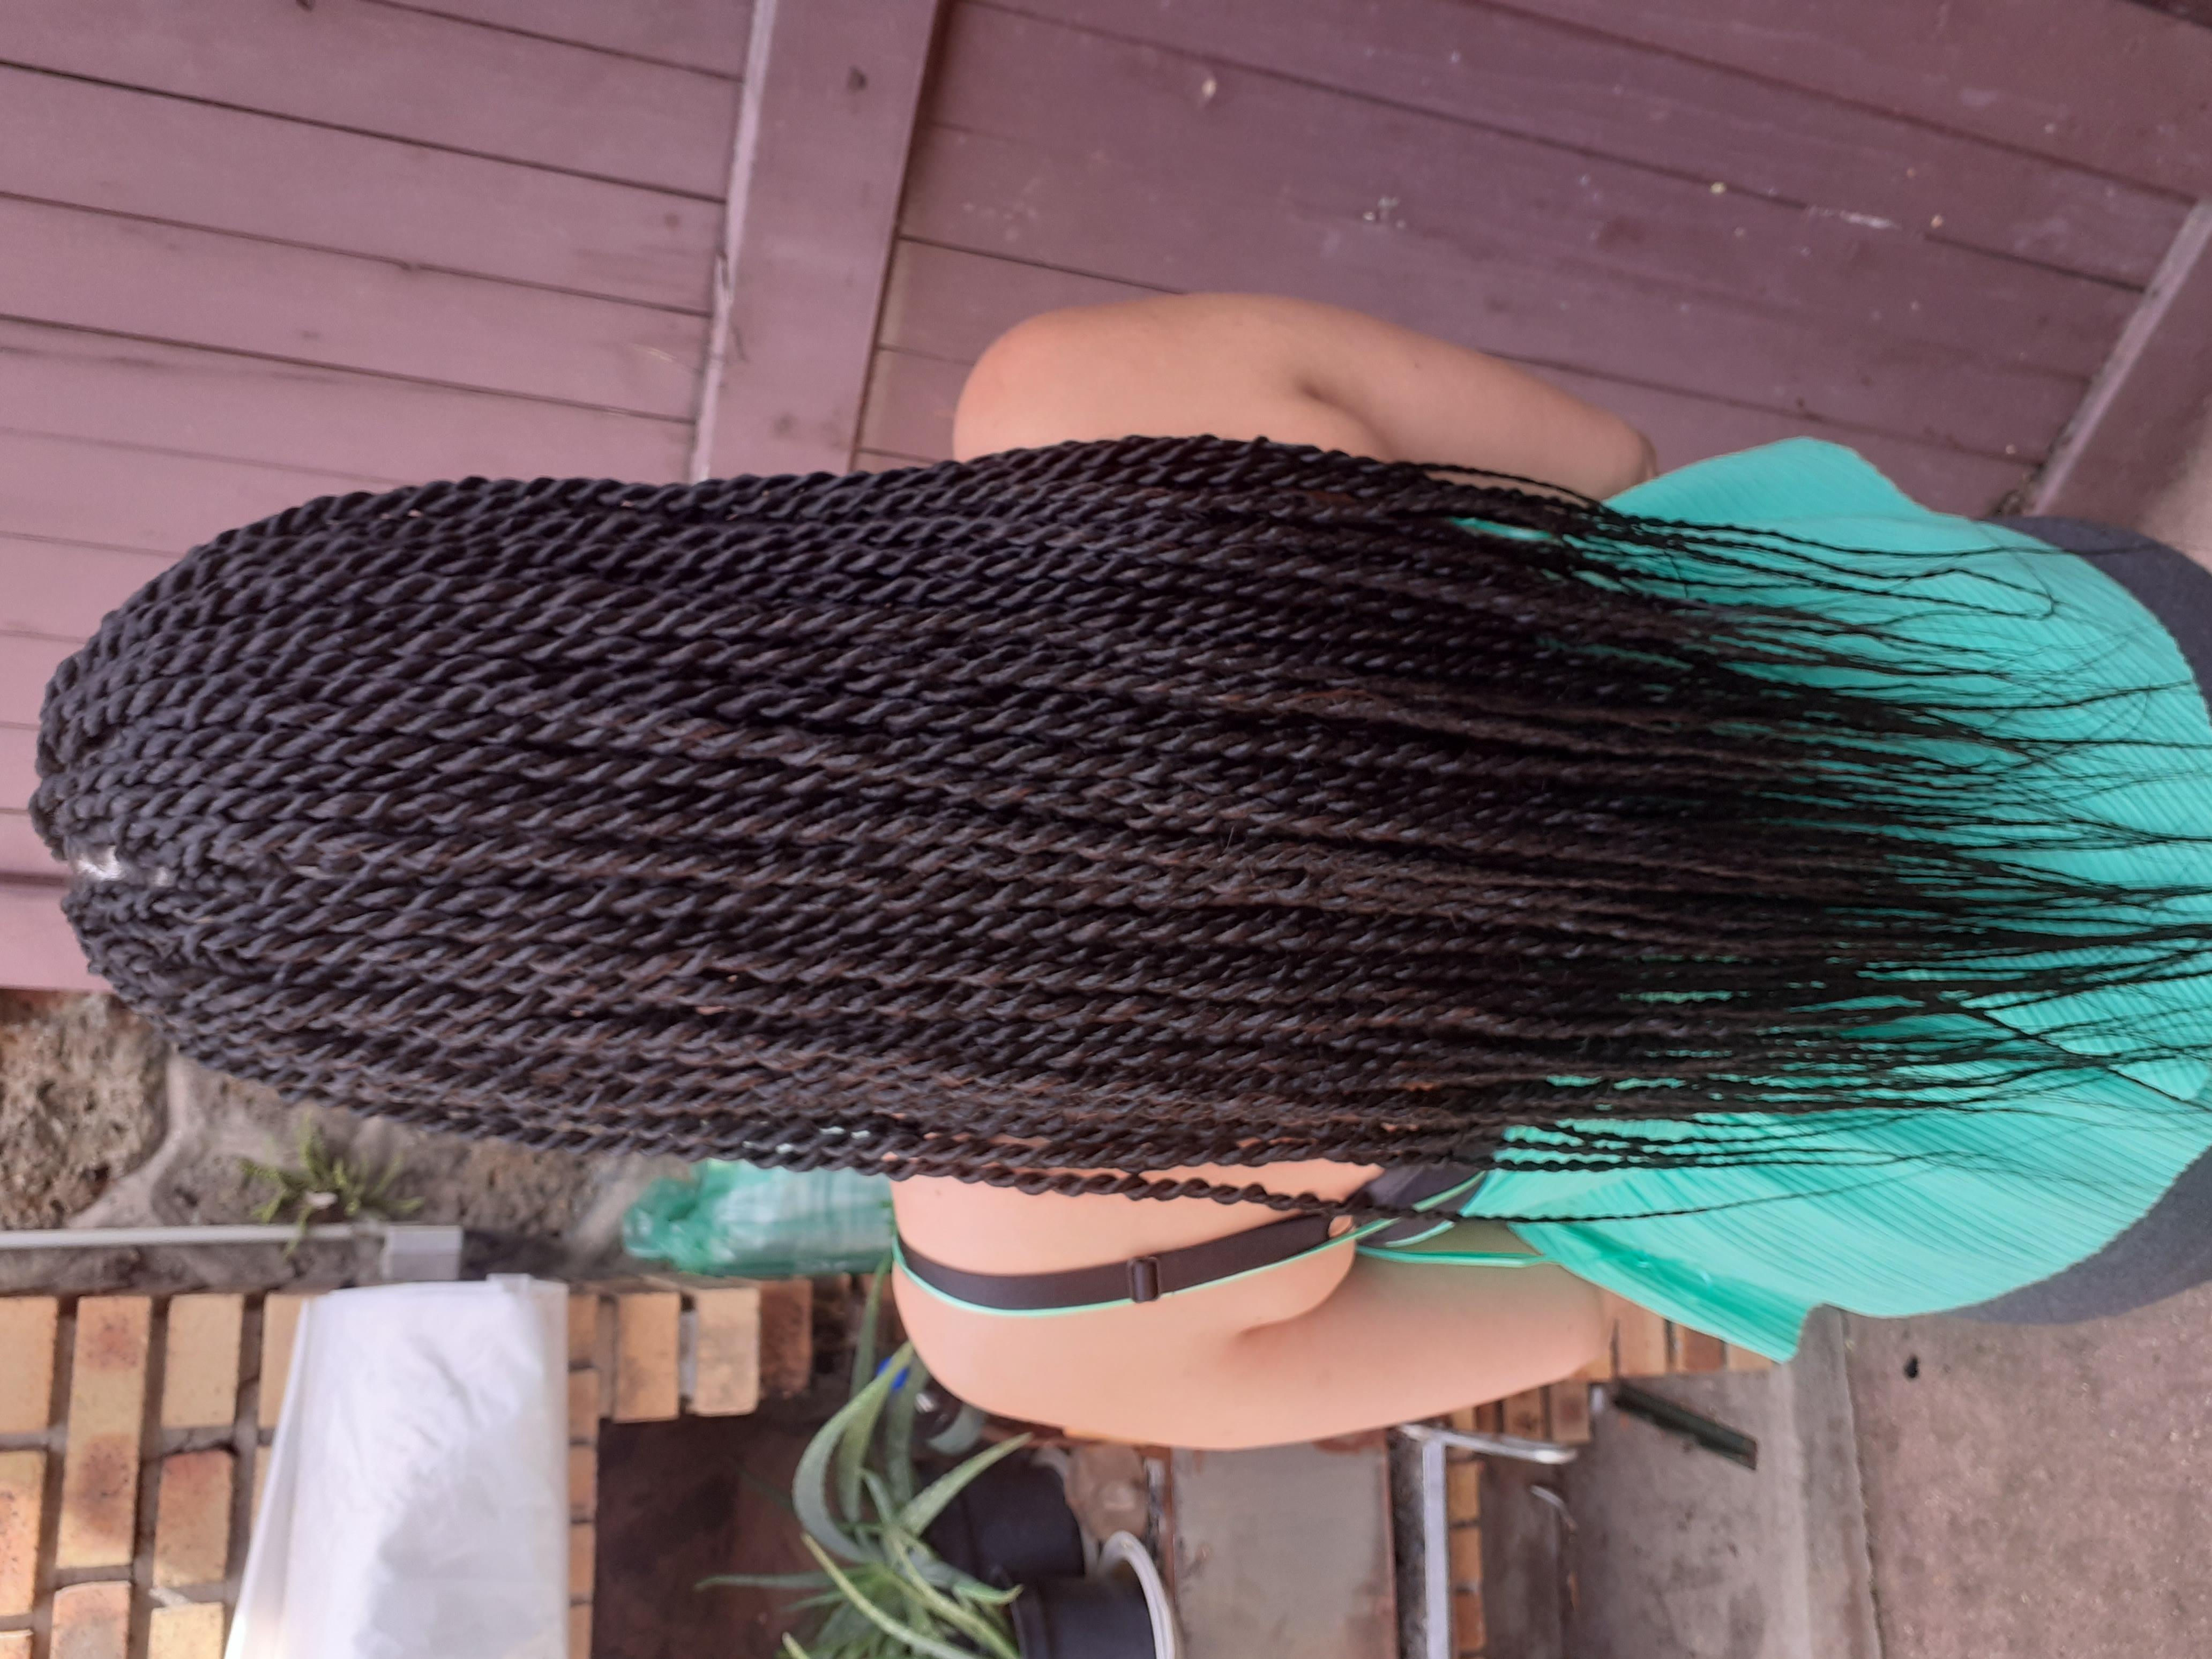 salon de coiffure afro tresse tresses box braids crochet braids vanilles tissages paris 75 77 78 91 92 93 94 95 QMVERHAF